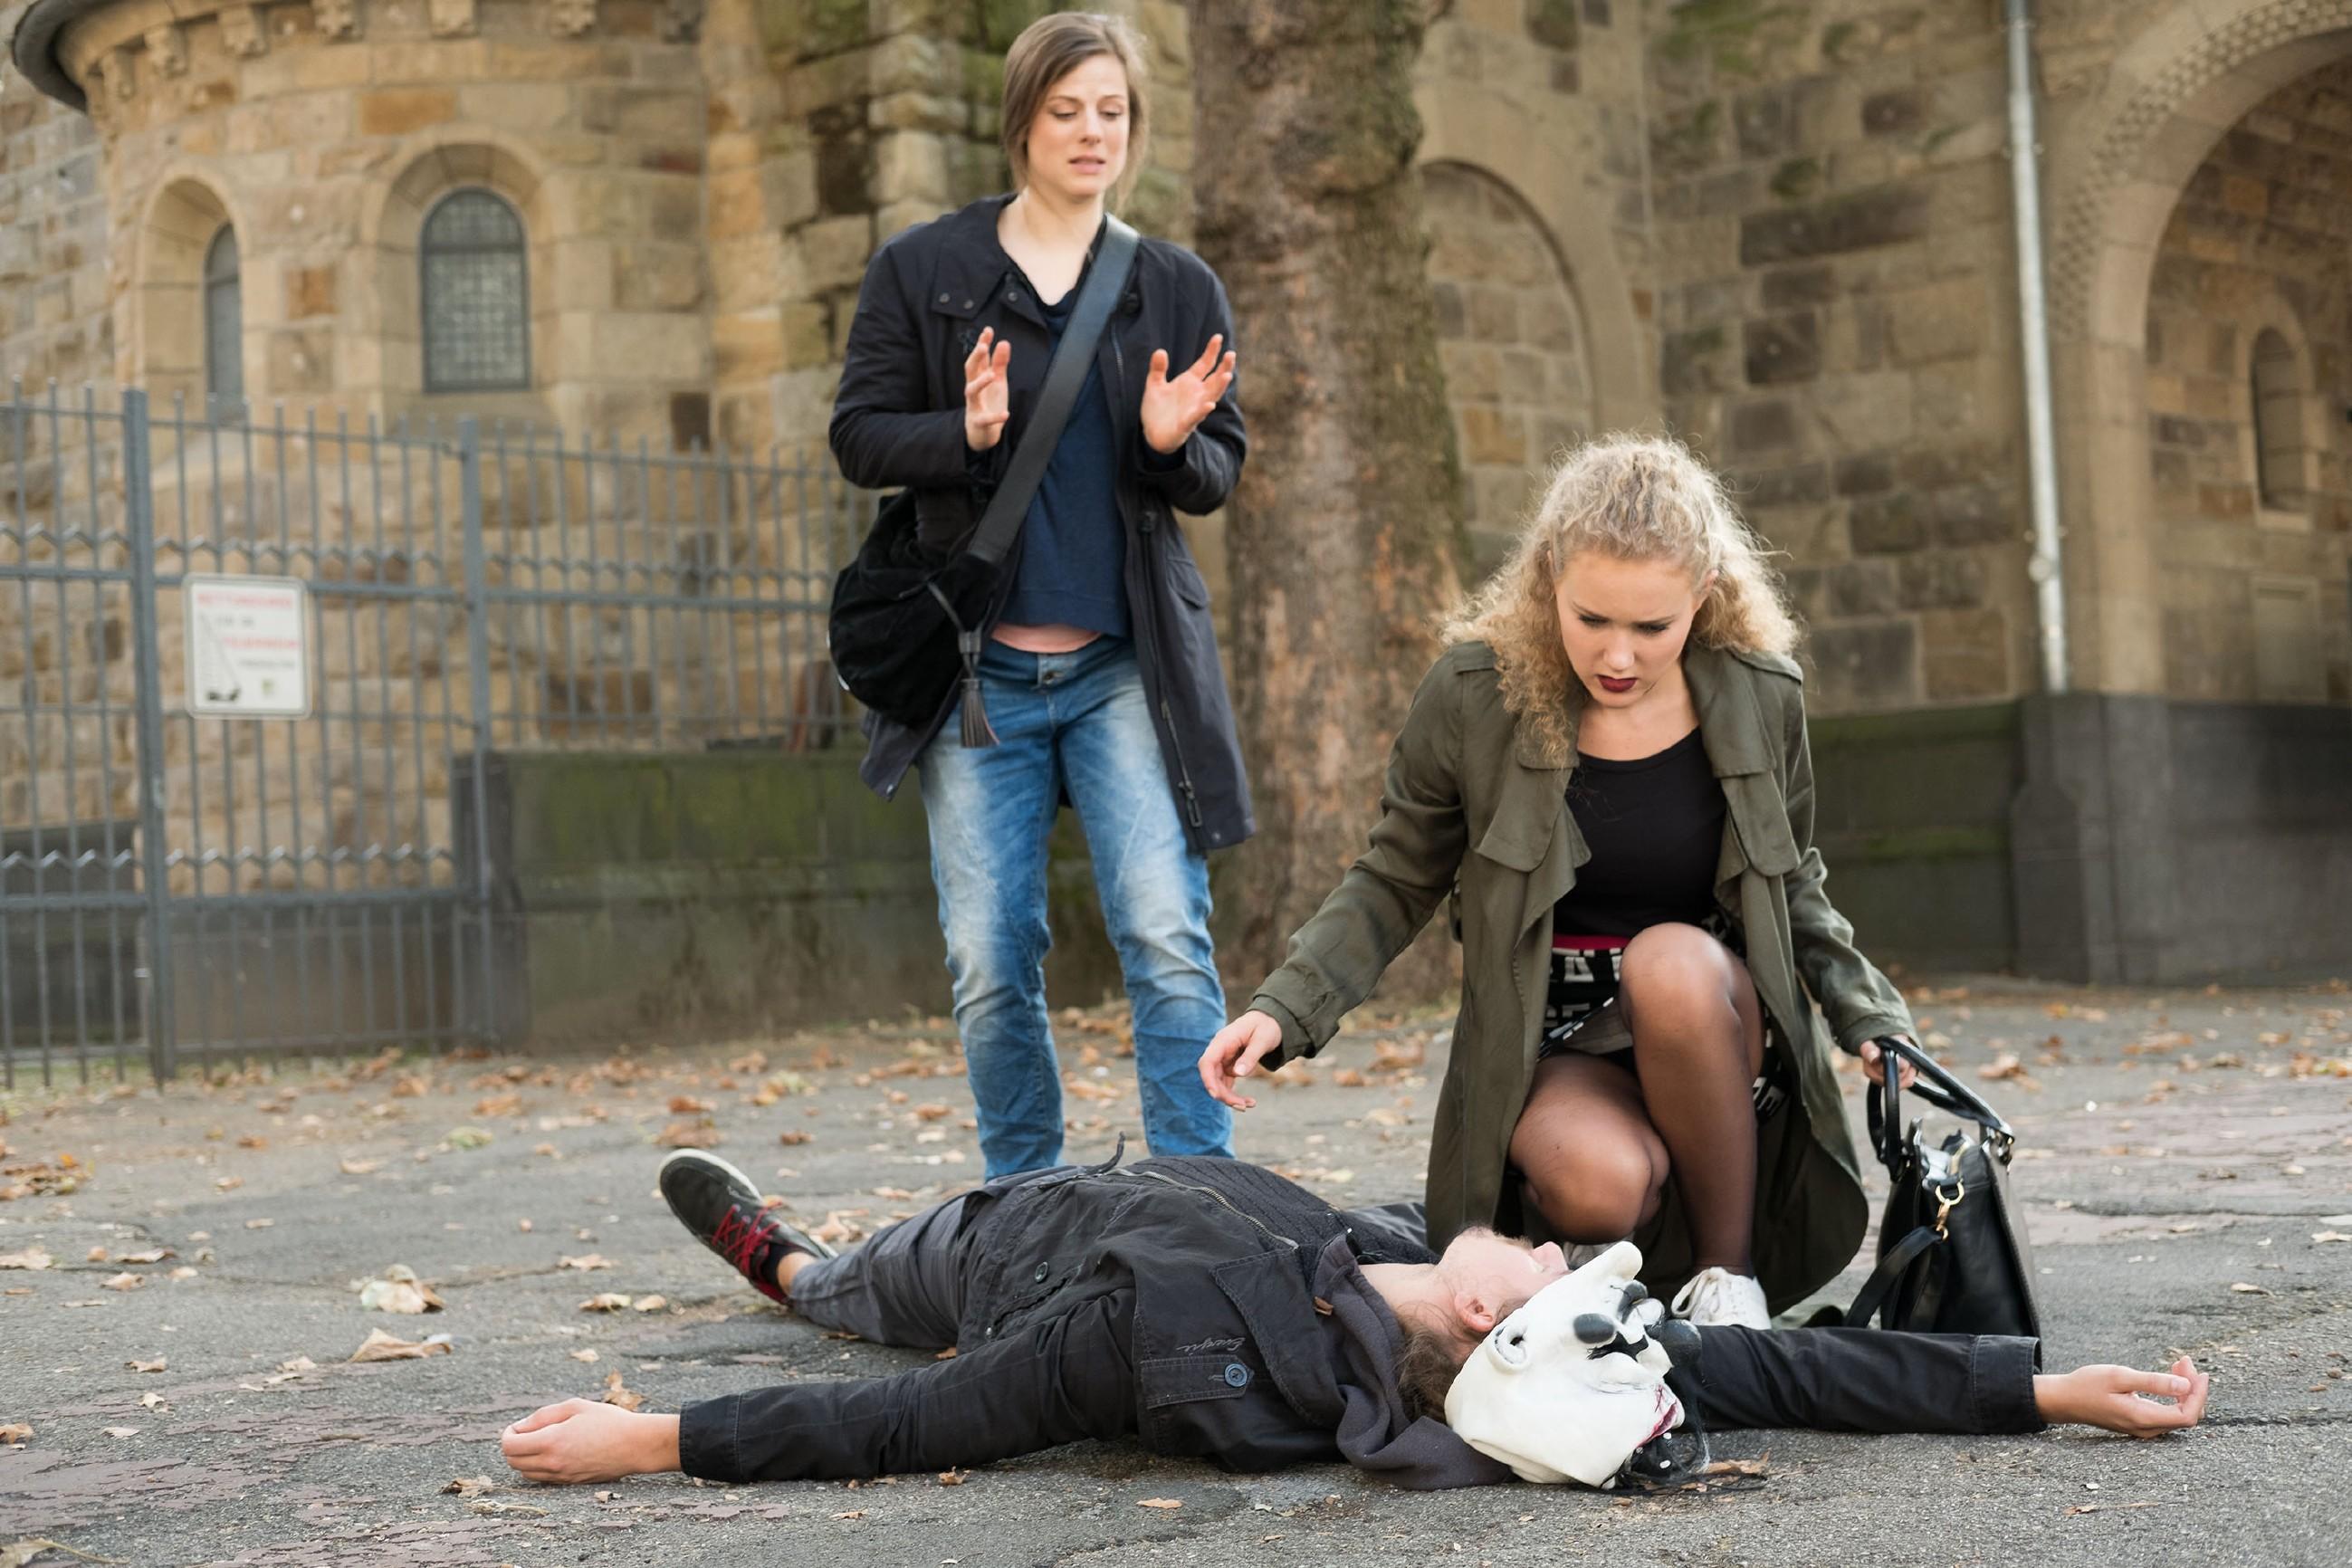 KayC (Pauline Angert, r.) glaubt, dass der Clown von Elli (Nora Koppen, l.) engagiert wurde, schlägt den Mann (Komparse) nieder und zieht ihm die Maske ab - doch statt in ein bekanntes Gesicht blickt sie in das eines echten Räubers... (Quelle: RTL / Stefan Behrens)